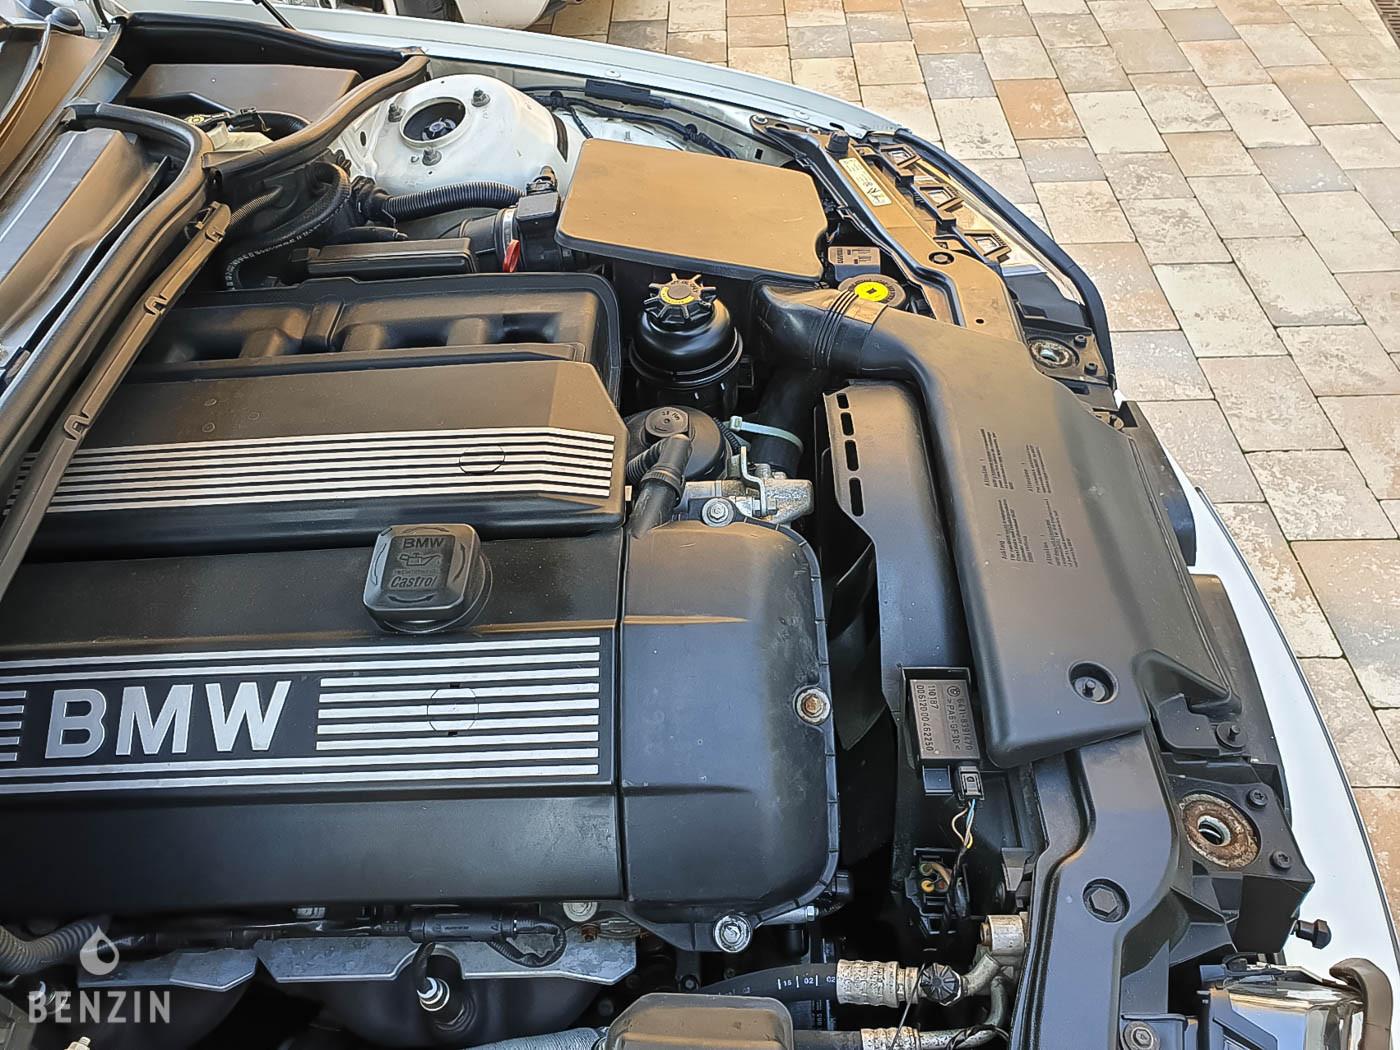 BMW E46 330 CI 2003 CABRIOLET FOR SALE EN VENTE SU VERKAUFEN TE KOOP